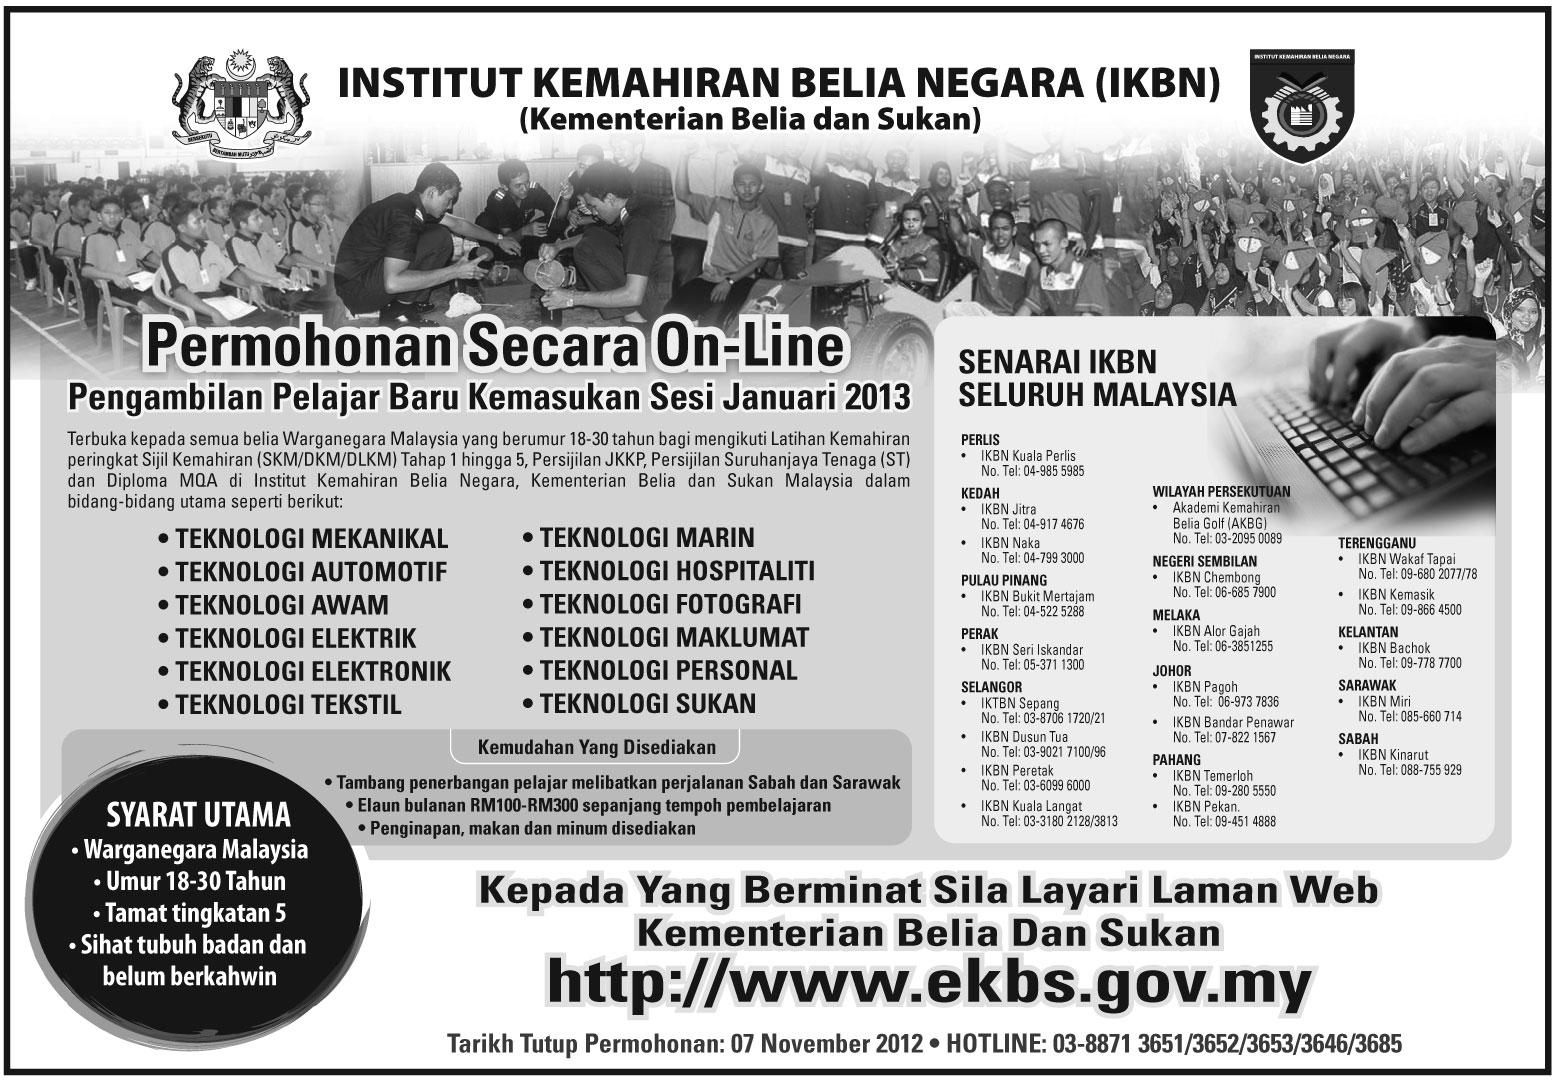 Permohonan Online IKBN 2013